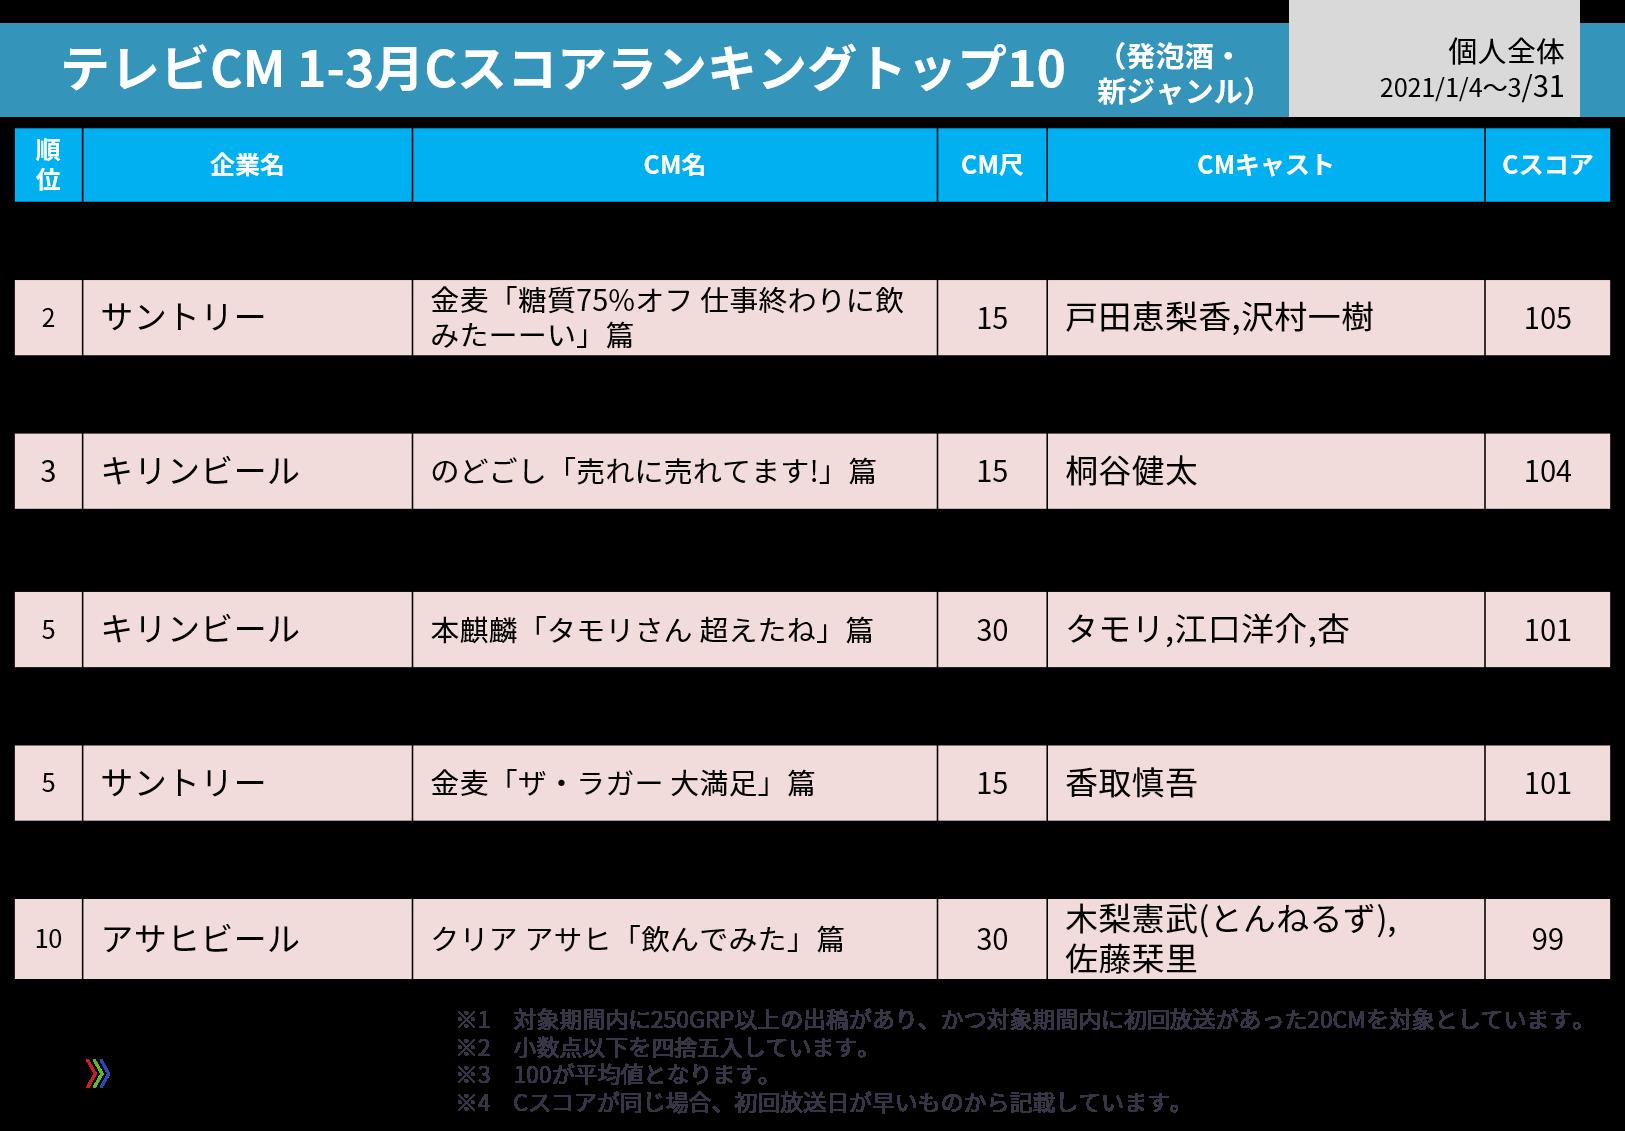 テレビCM1-3月Cスコア発泡酒・新ジャンルカテゴリーランキング